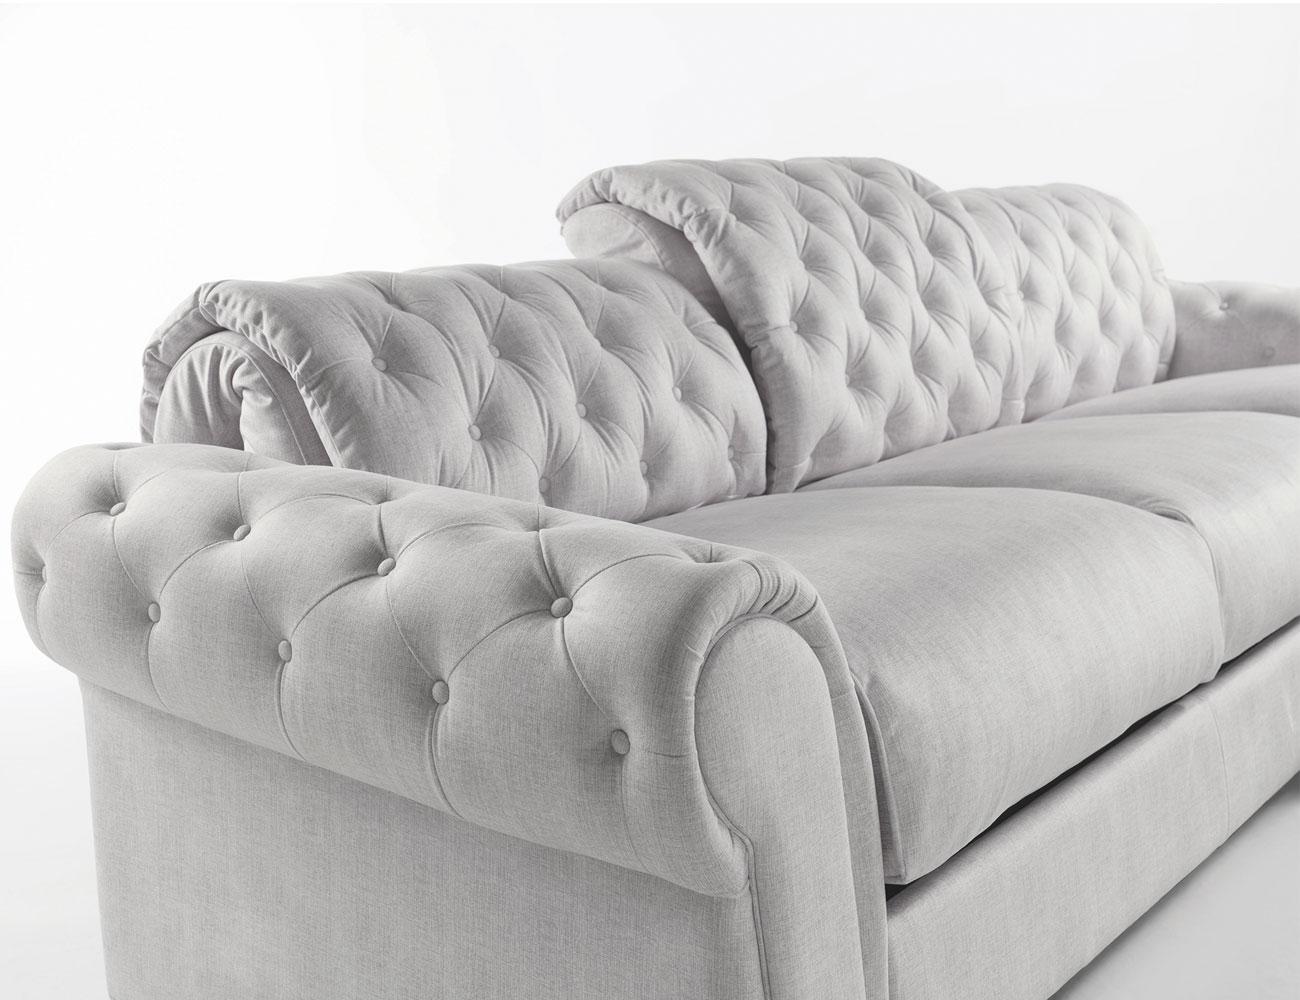 Sofa chaiselongue gran lujo decorativo capitone blanco tela 116